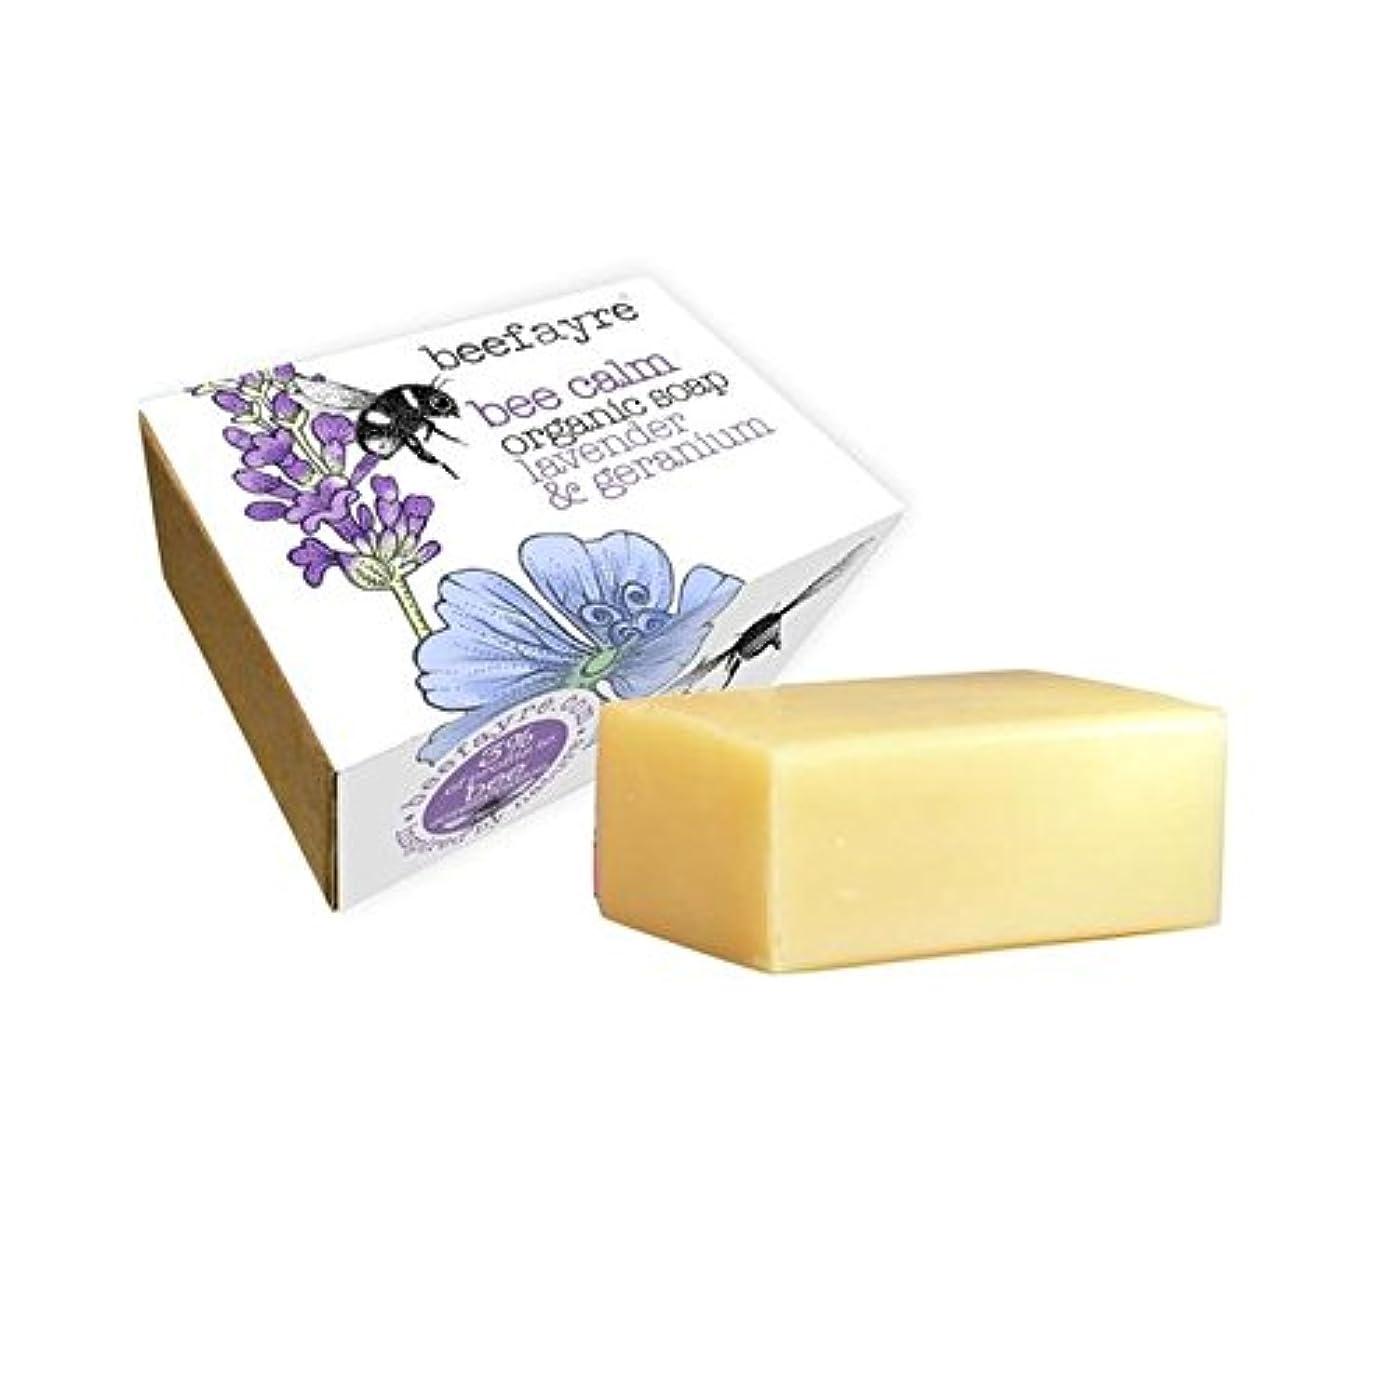 インディカ万歳煩わしい有機ゼラニウム&ラベンダー石鹸 x4 - Beefayre Organic Geranium & Lavender Soap (Pack of 4) [並行輸入品]